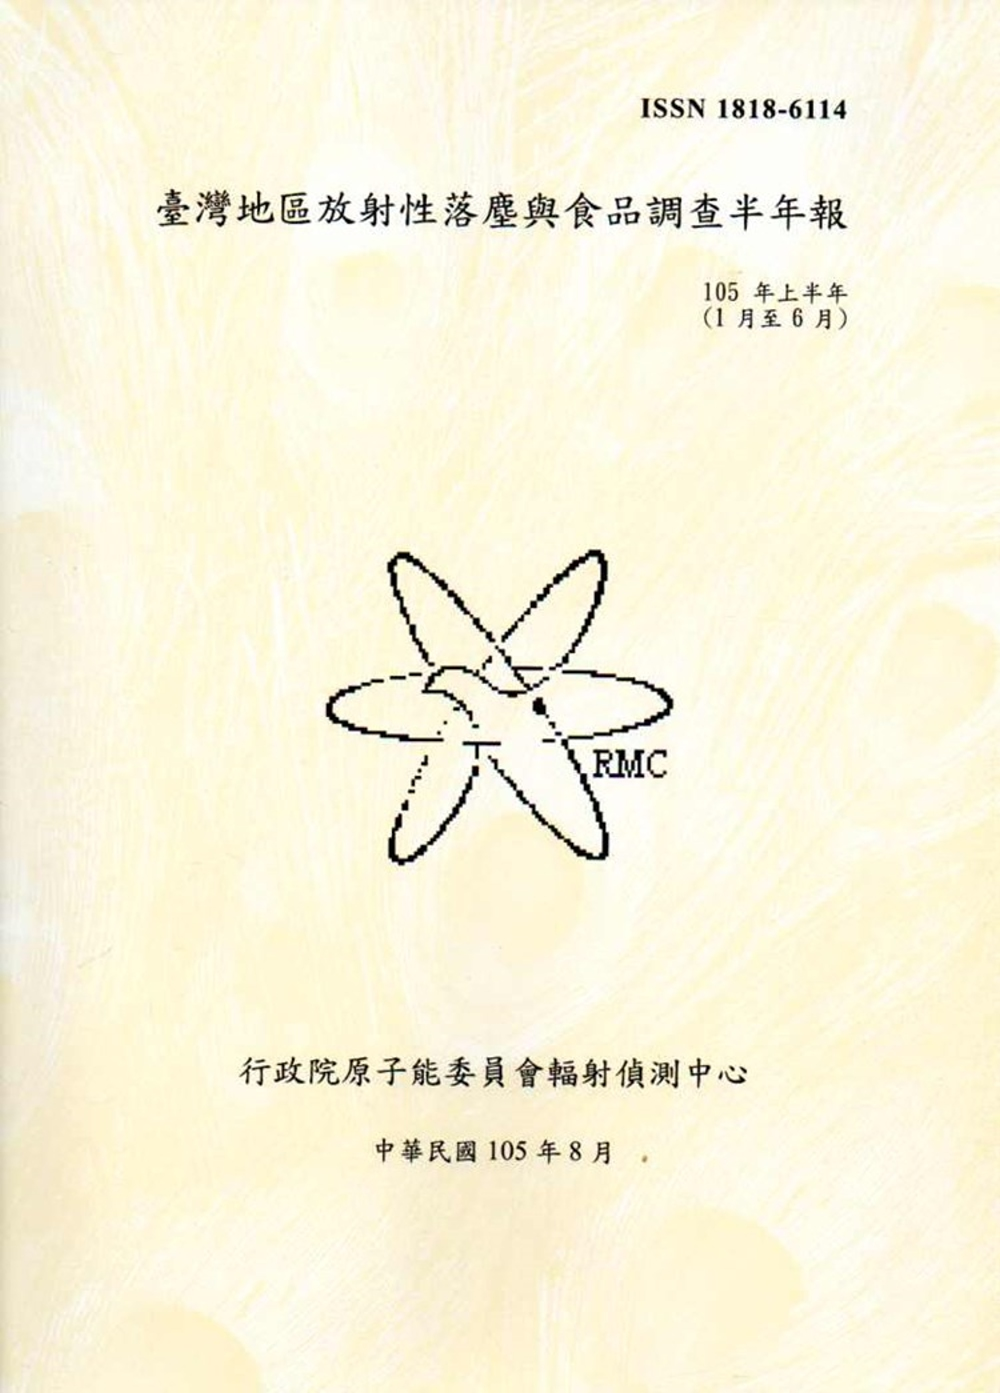 臺灣地區放射性落塵與食品調查半年報(105年上半年)